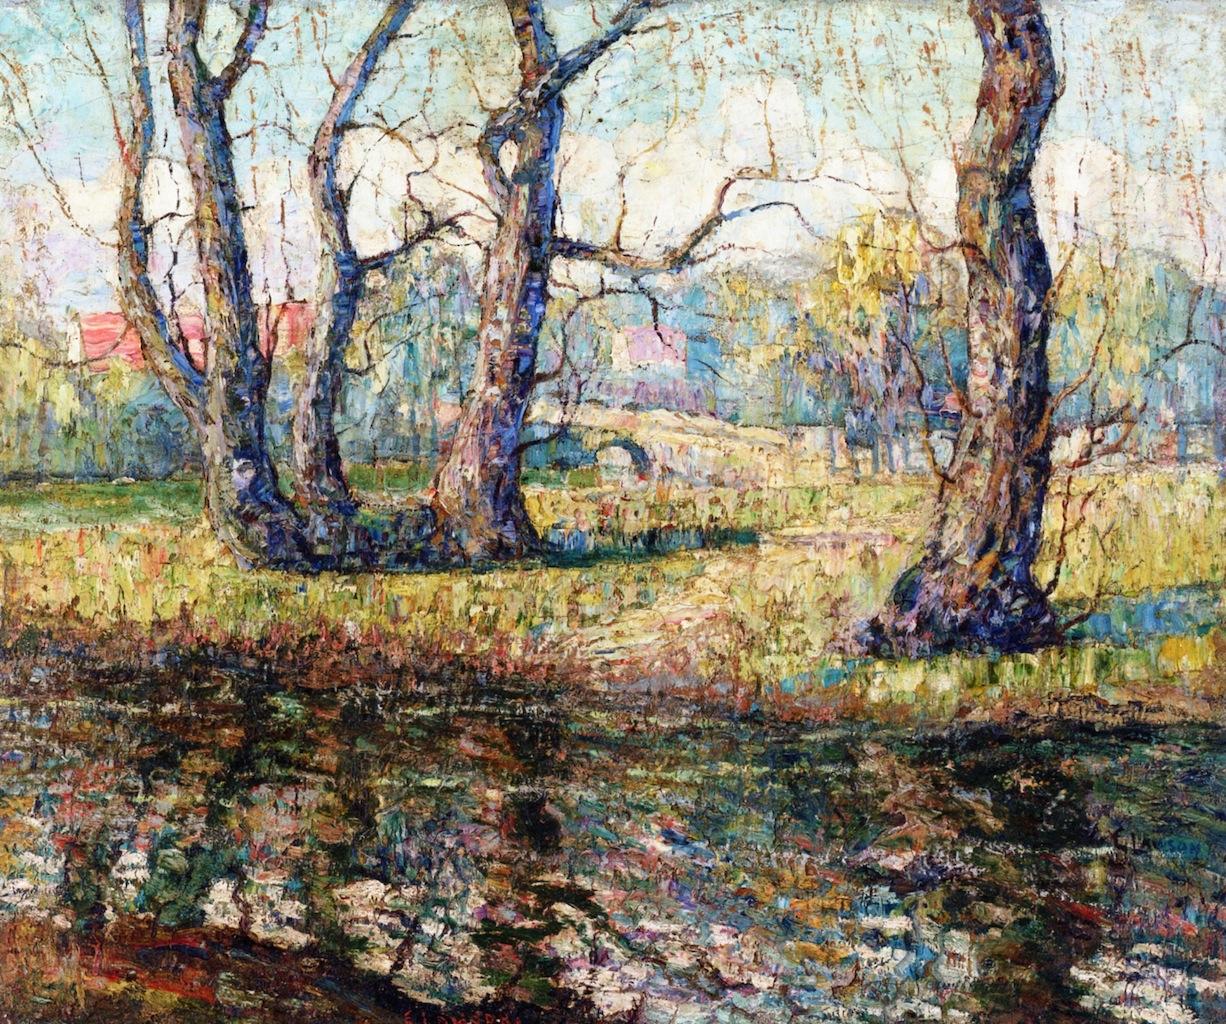 老柳树_Old Willows-欧内斯特·劳森